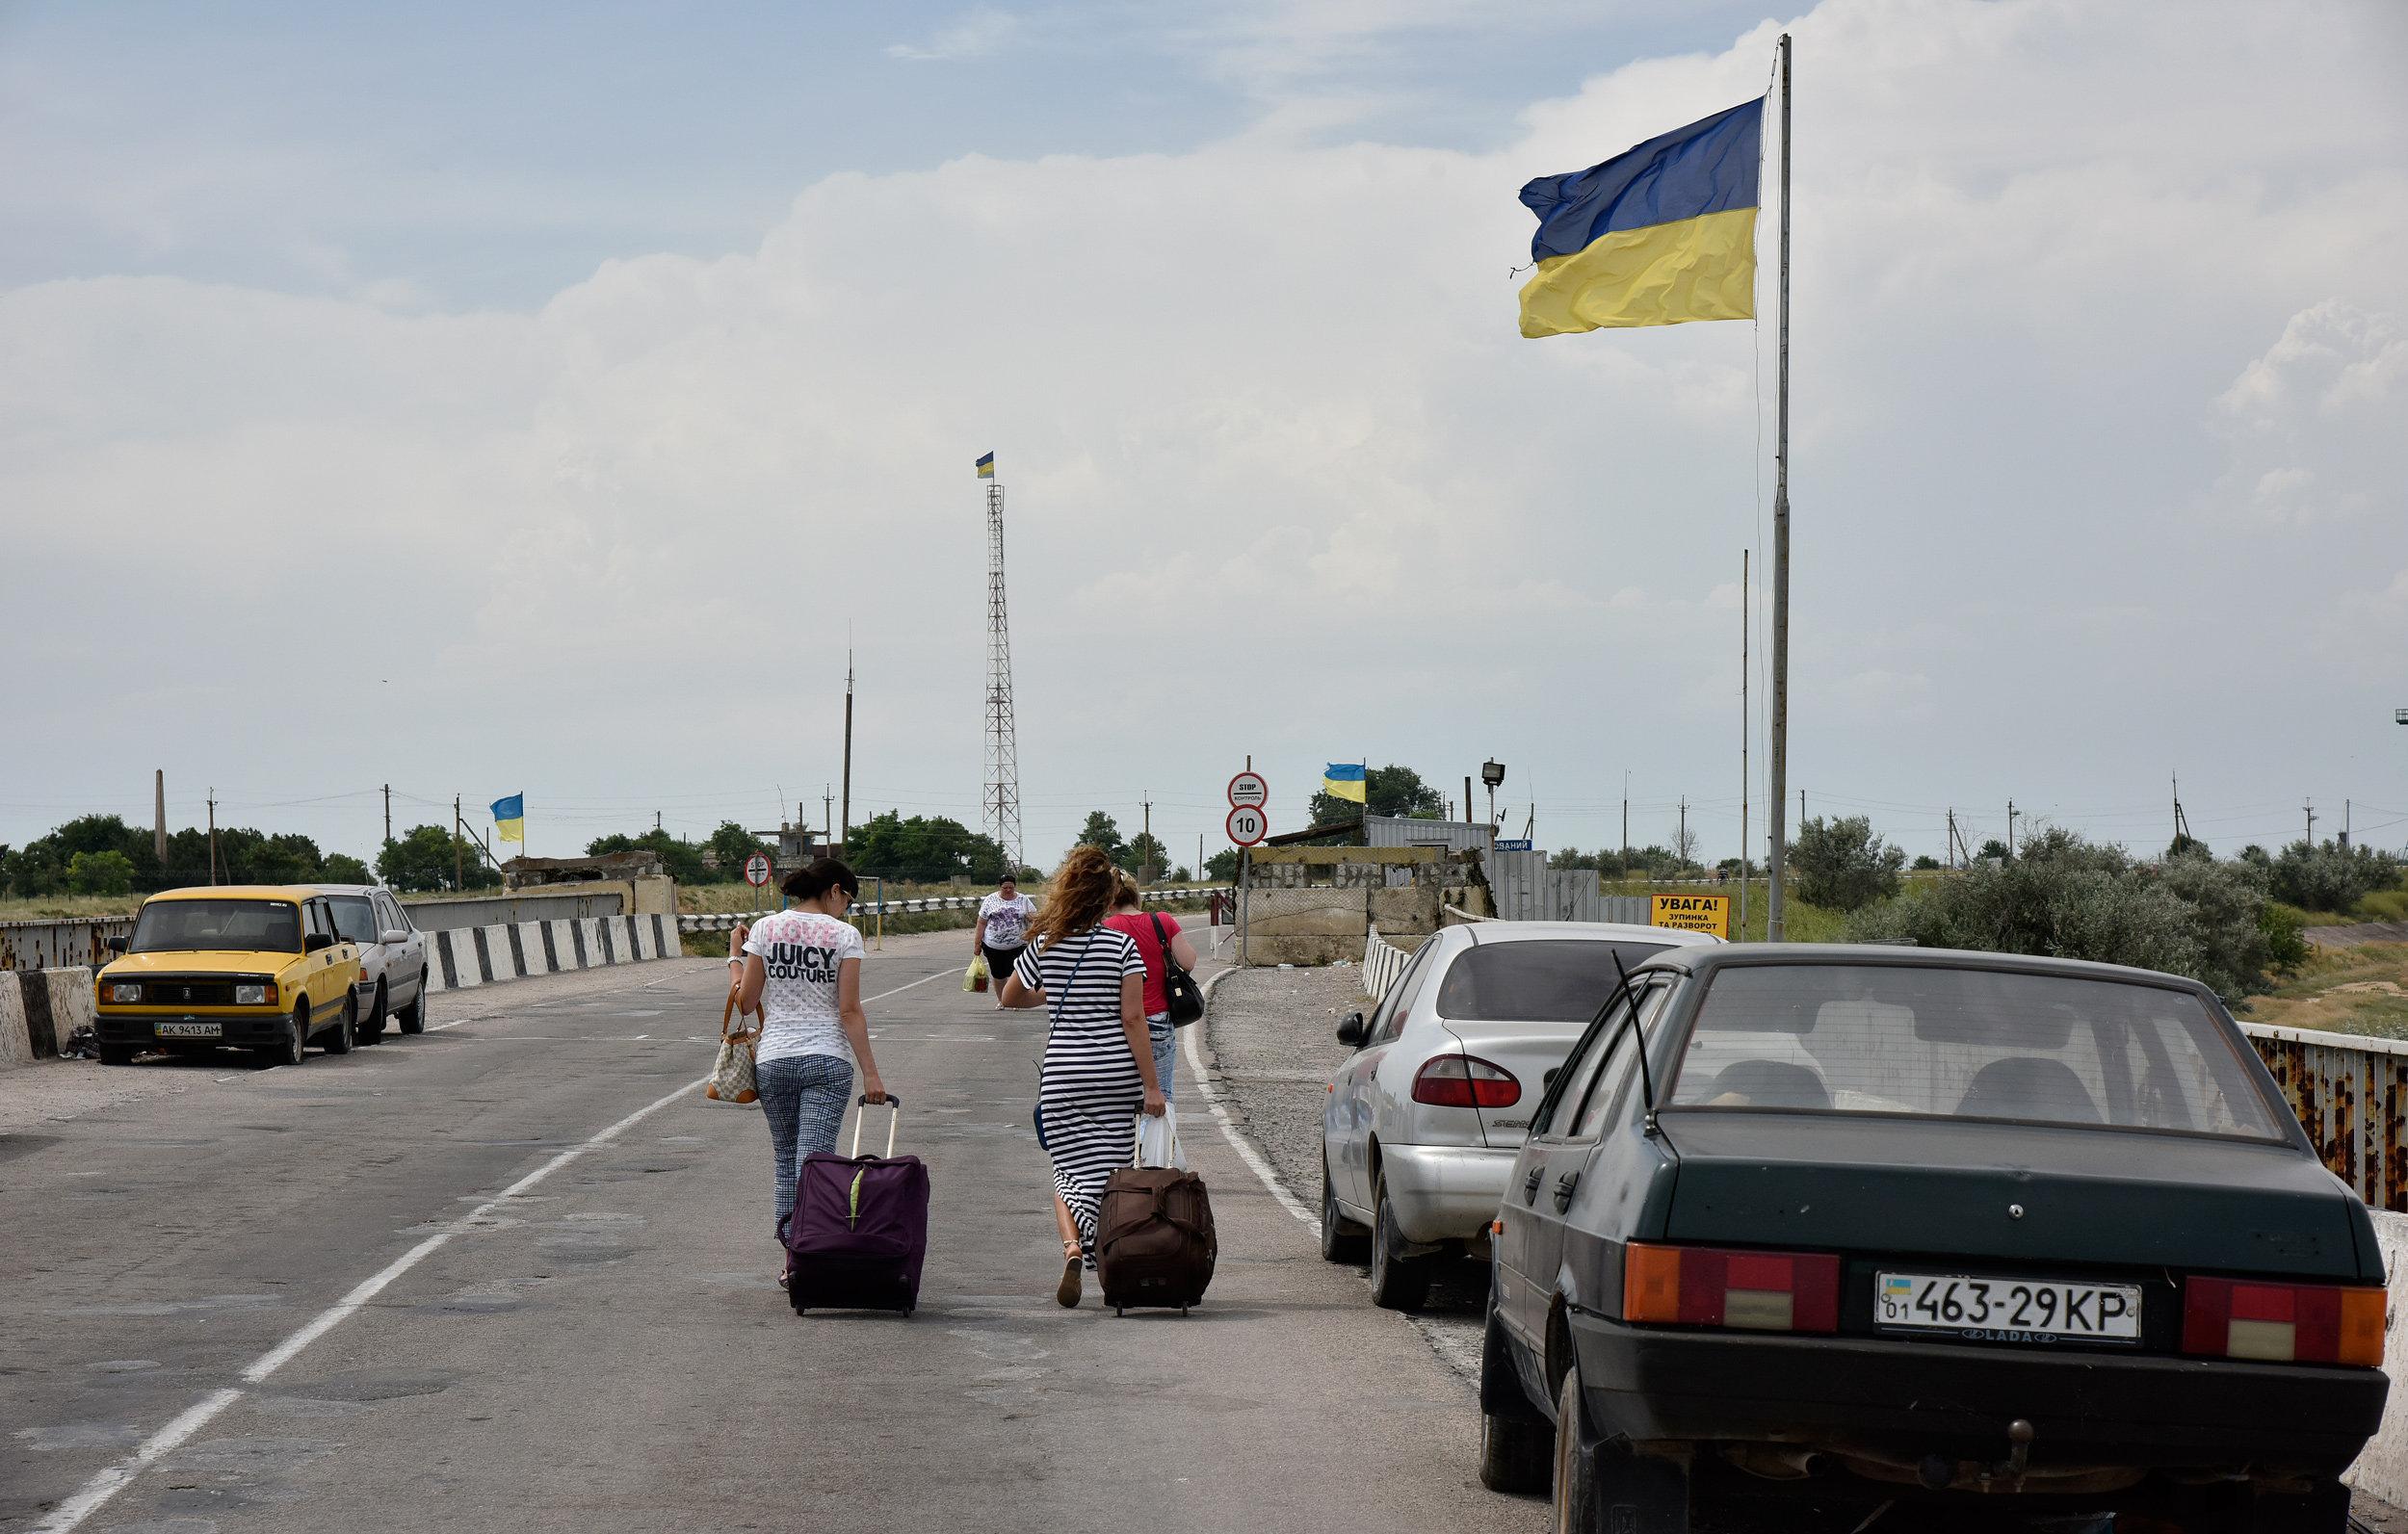 форум про пересечение границы украины своим внешним видом